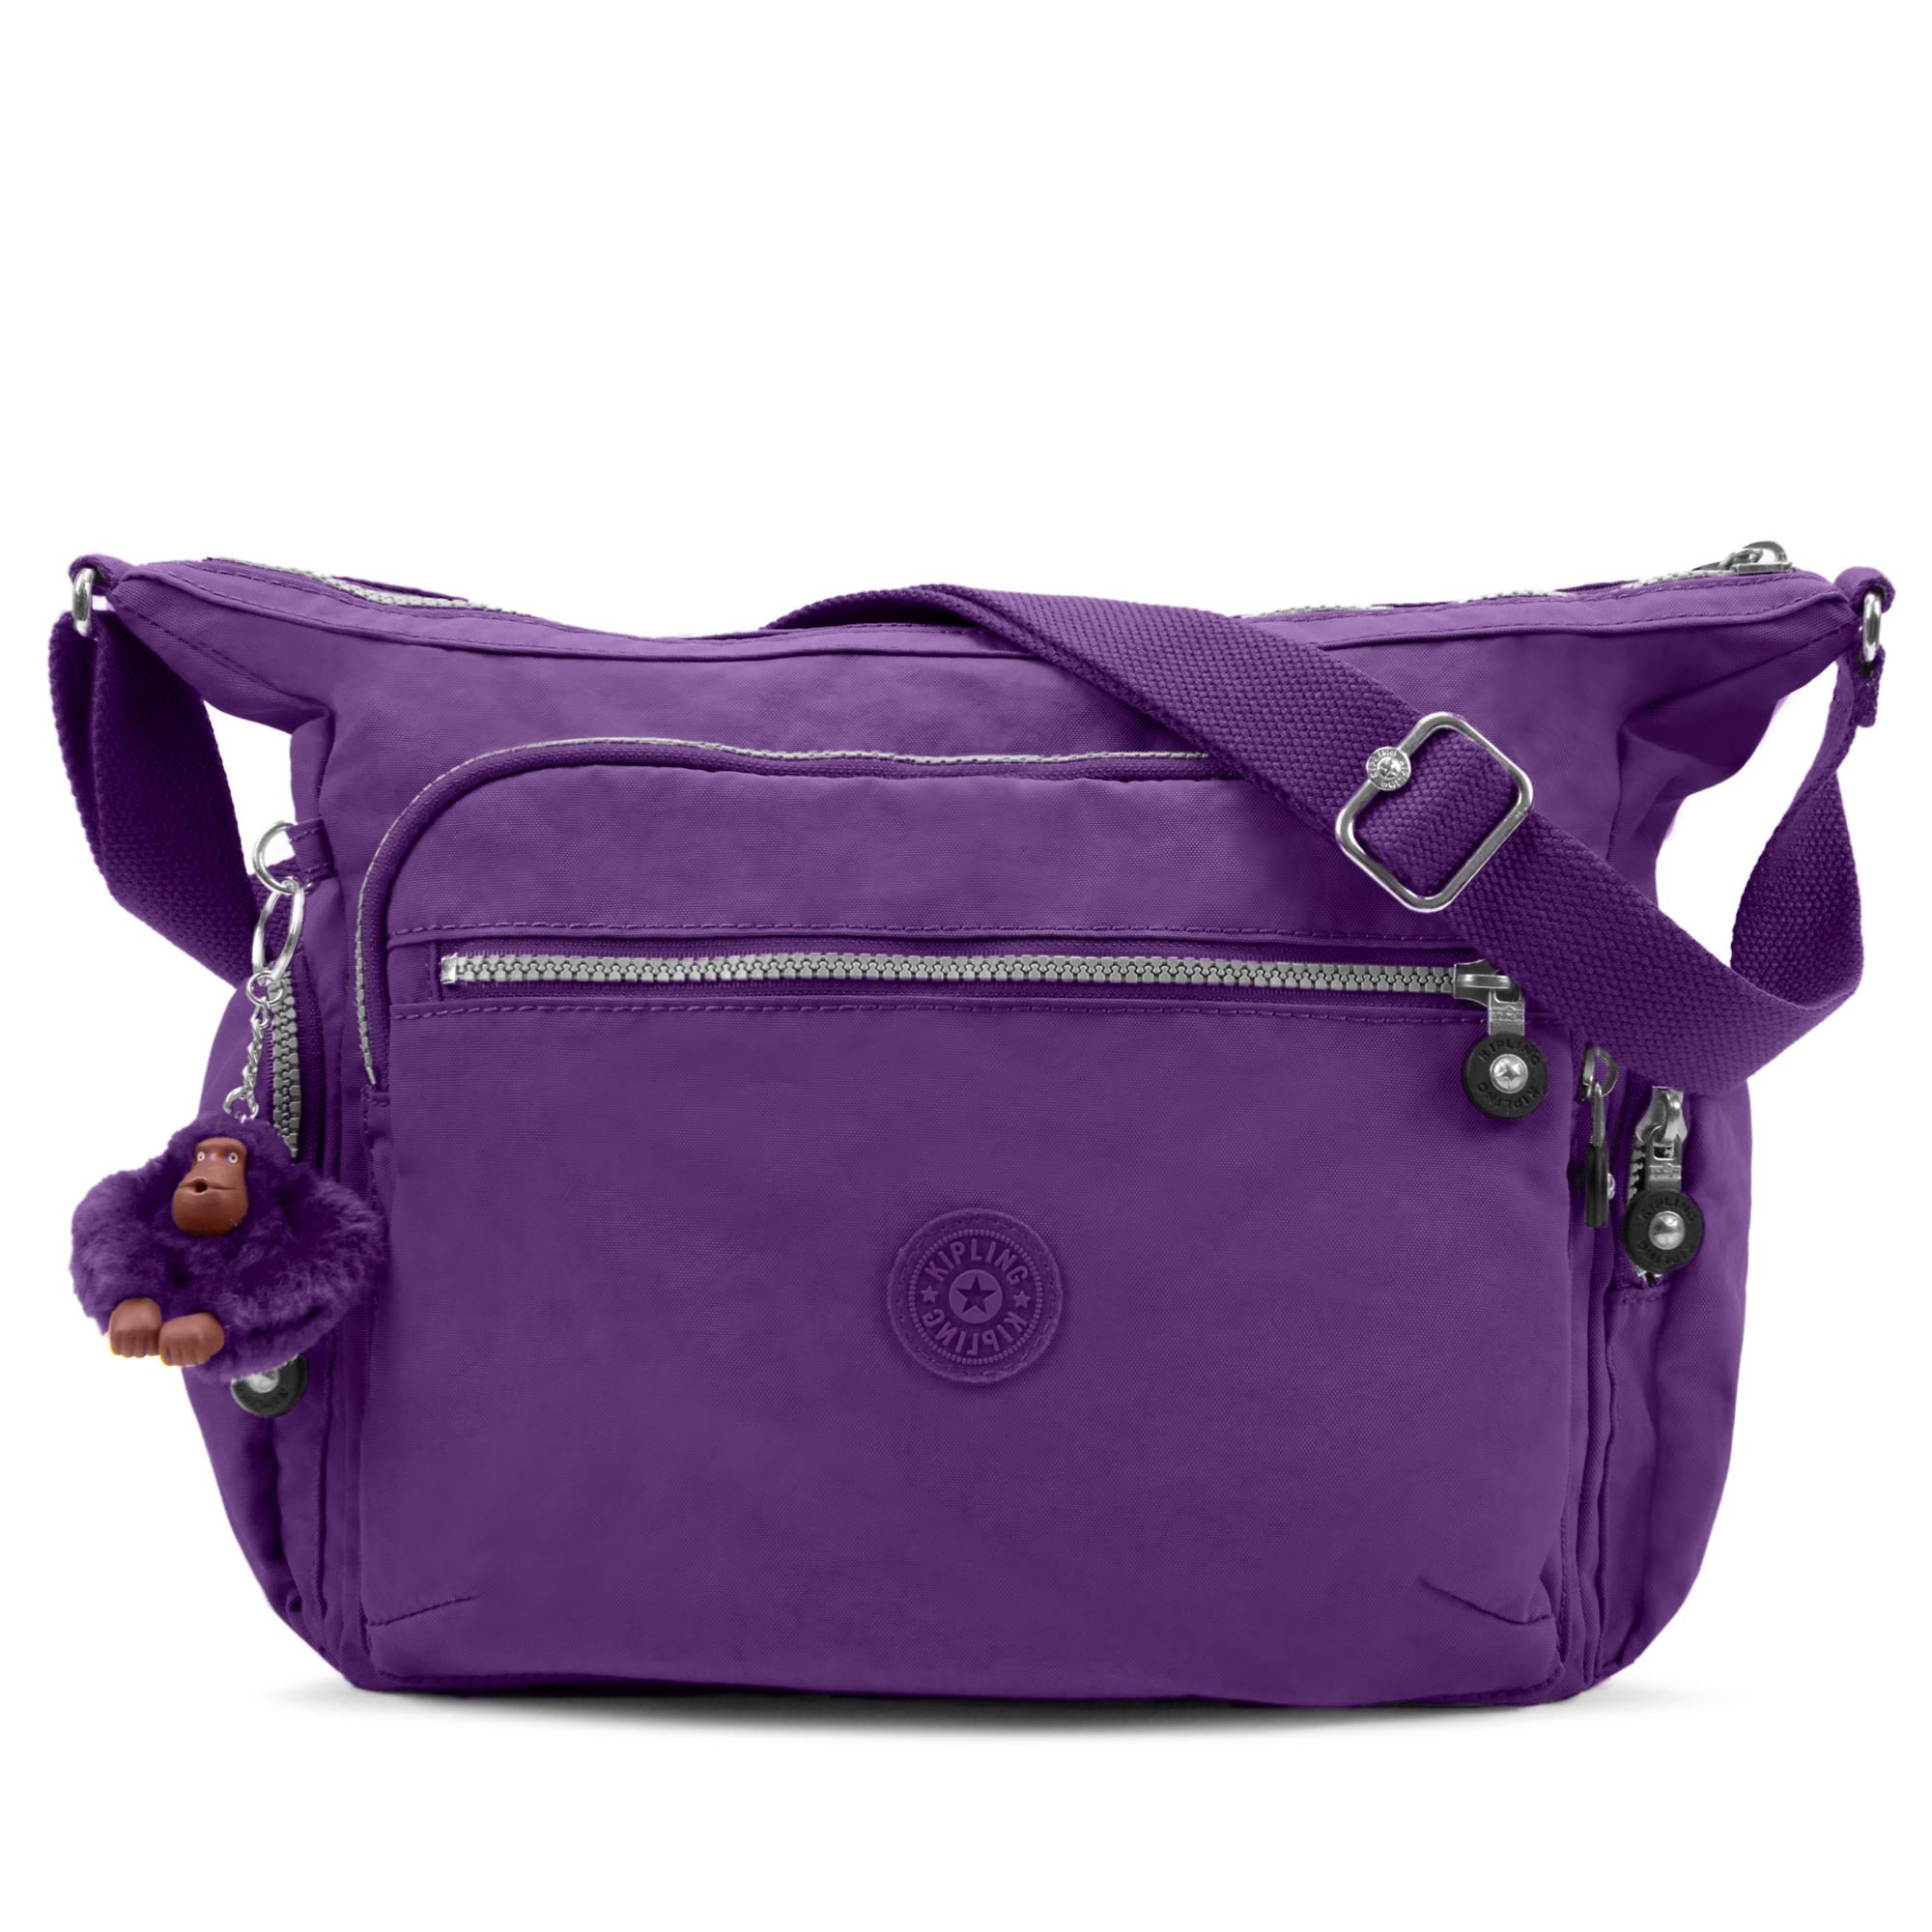 8662ade72b Gabbie Handbag,Pomegranate,large